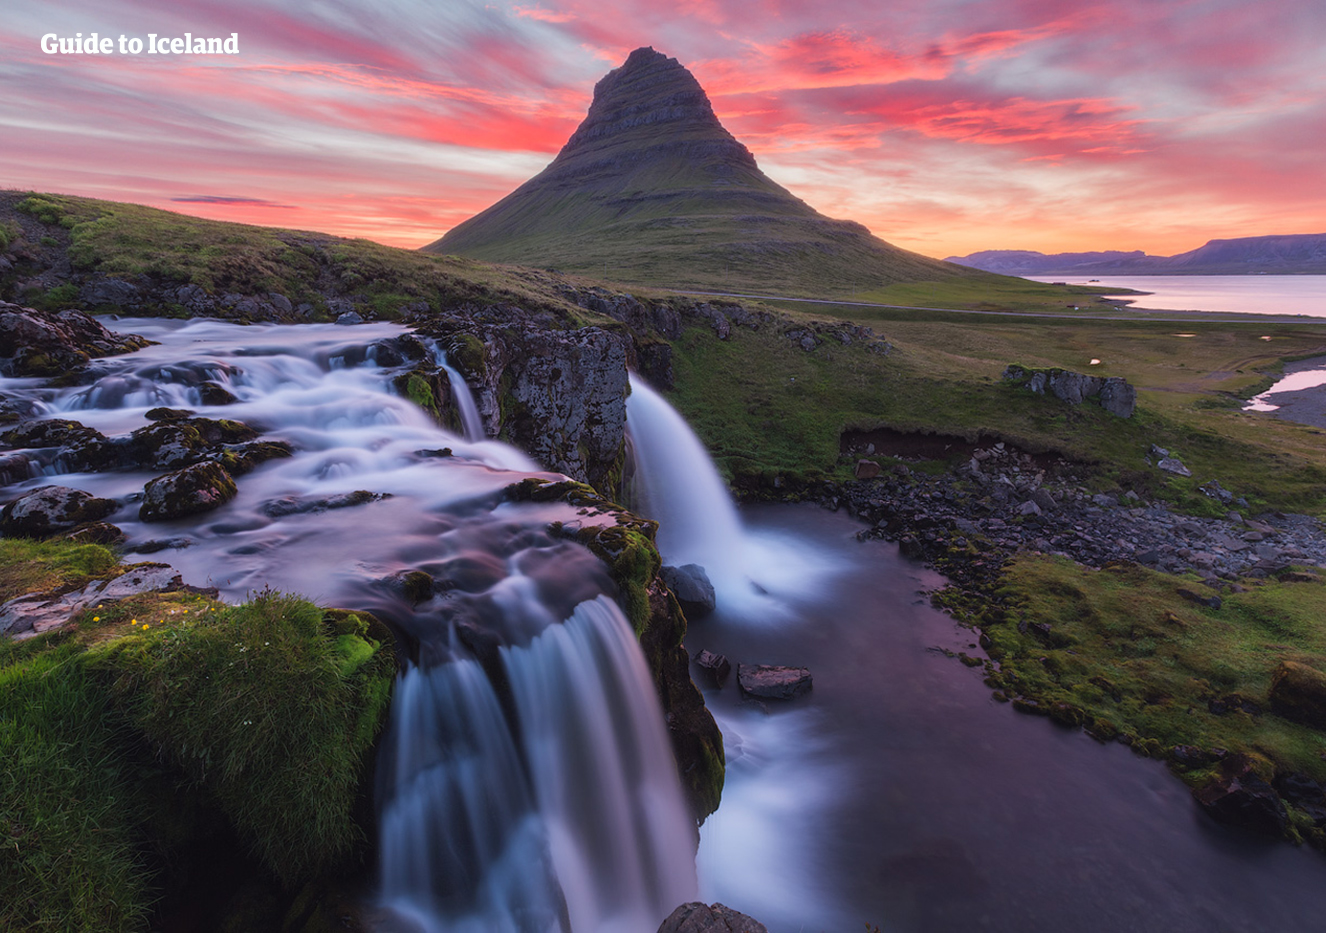 Kirkjufell, una montaña escultural en la península de Snæfellsnes, es uno de los lugares más fotografiados de Islandia.